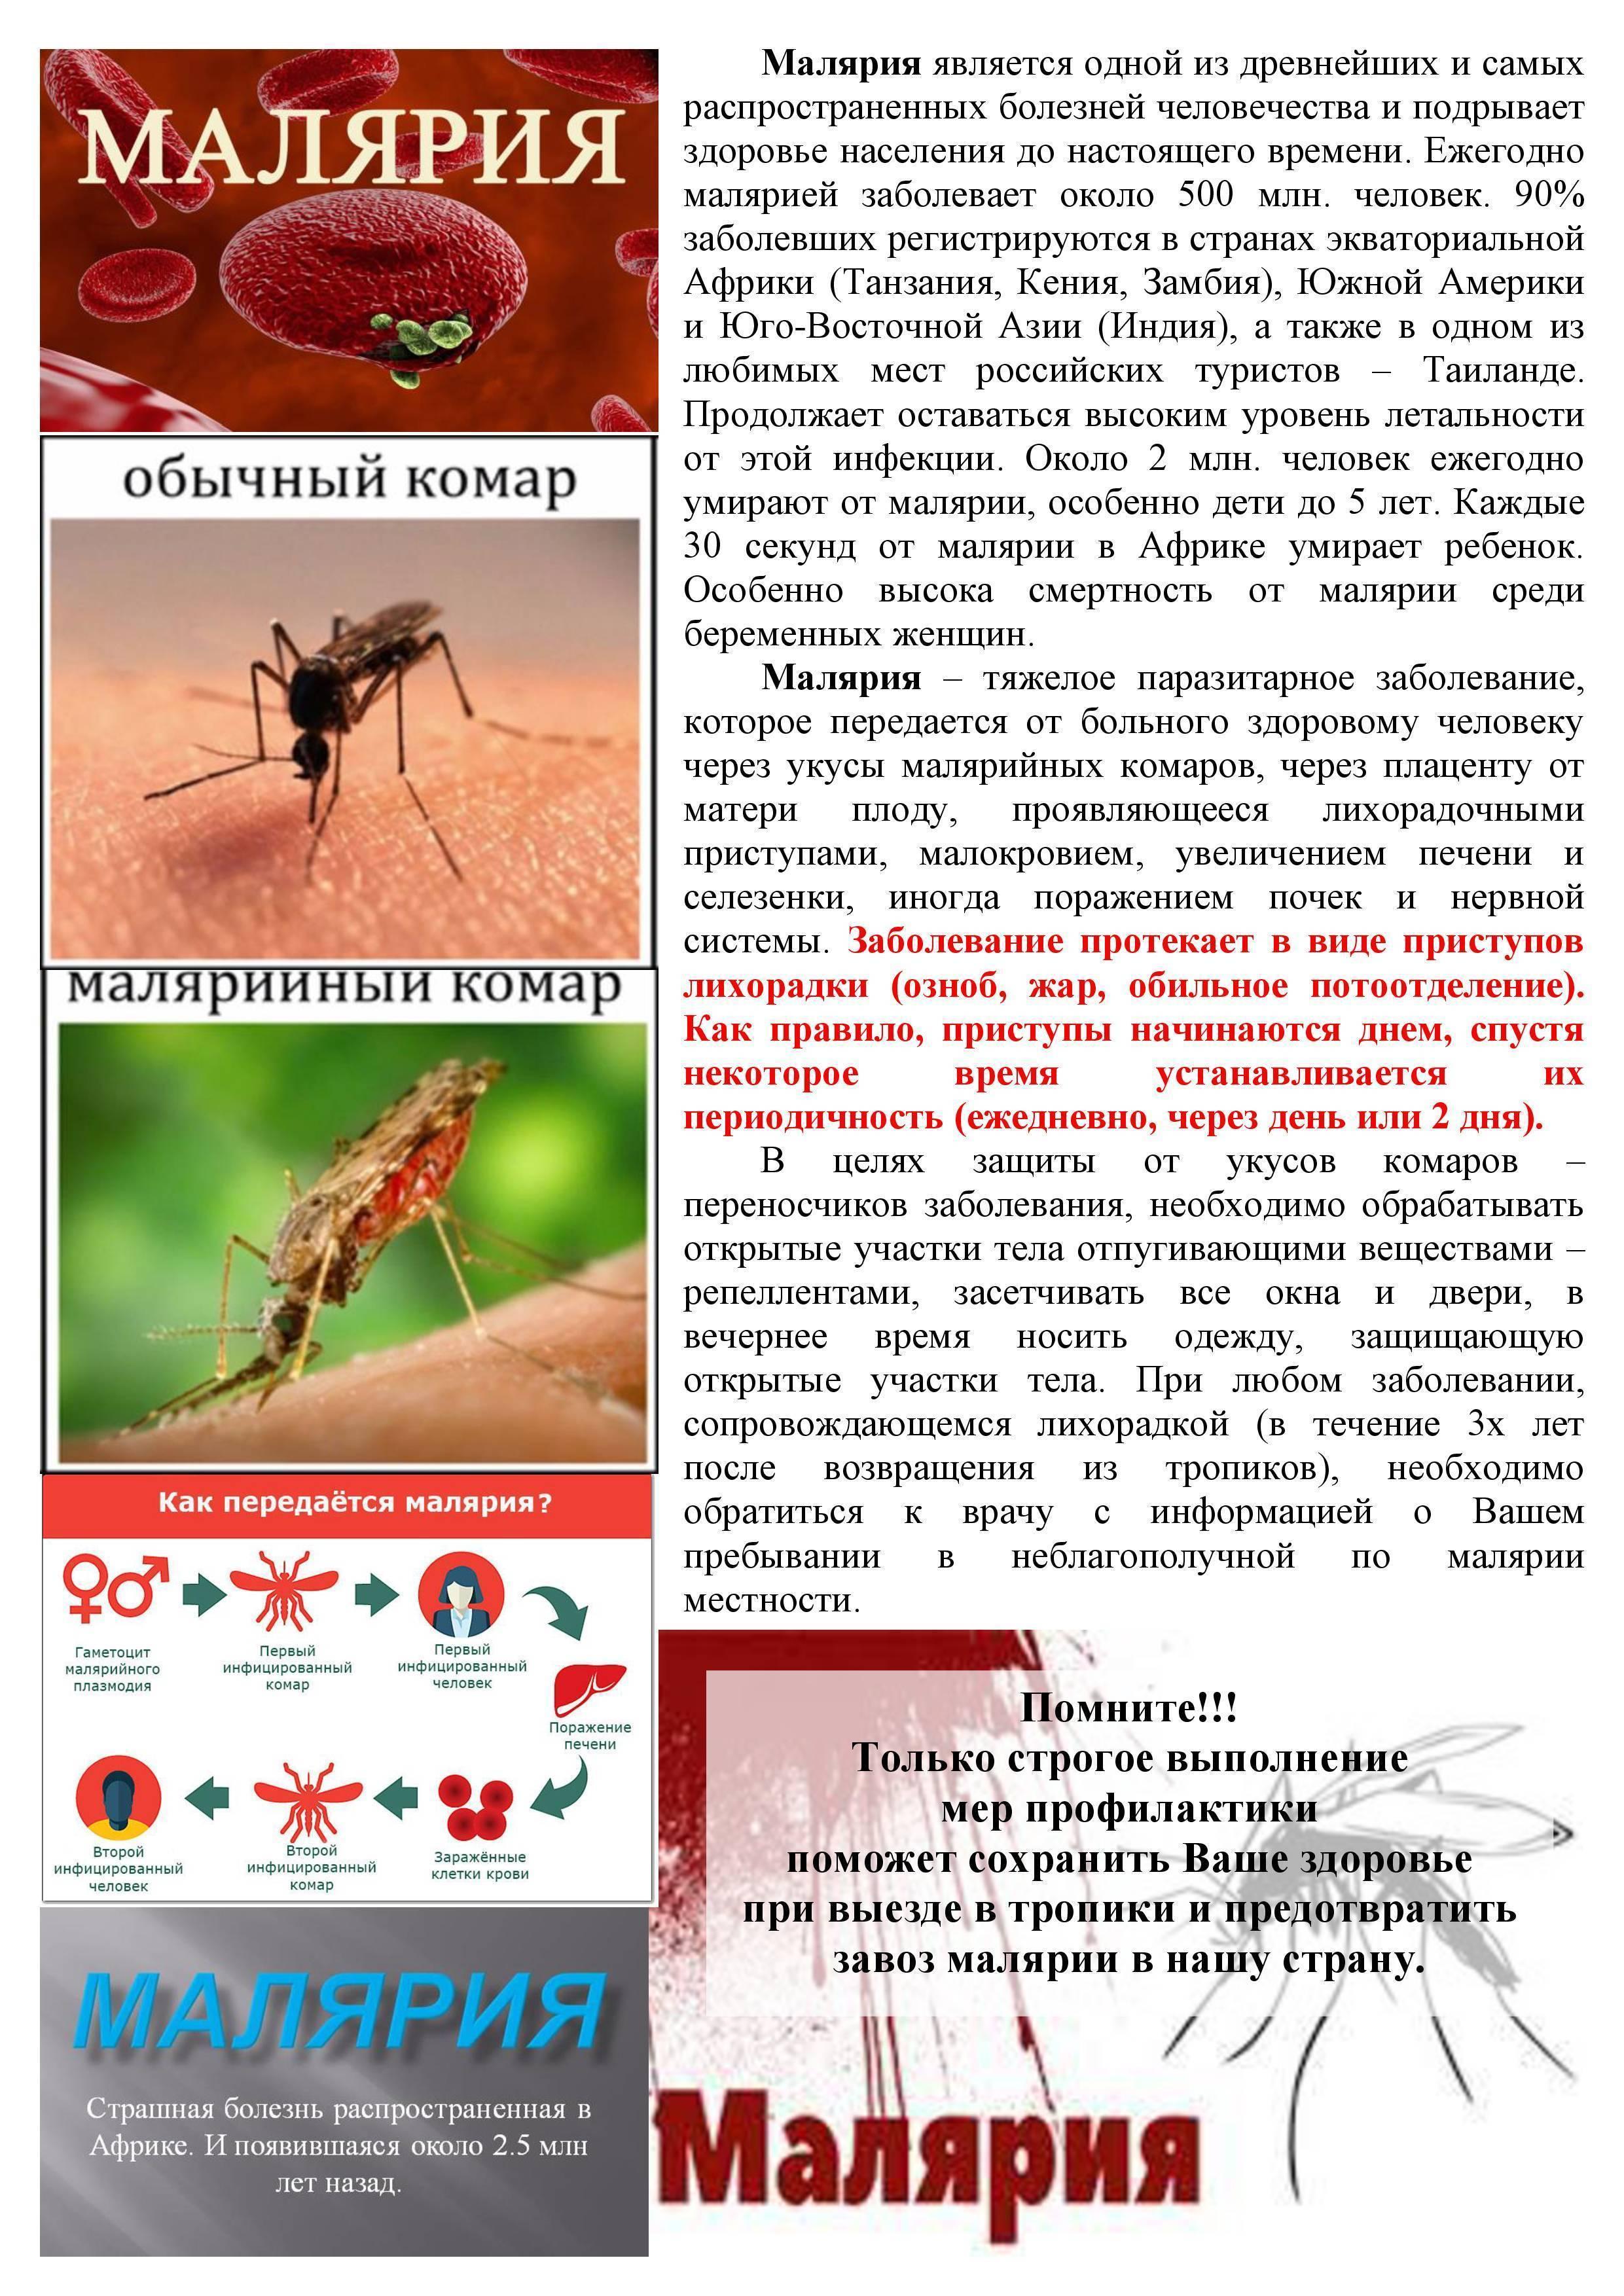 Все о малярии и ее лечении